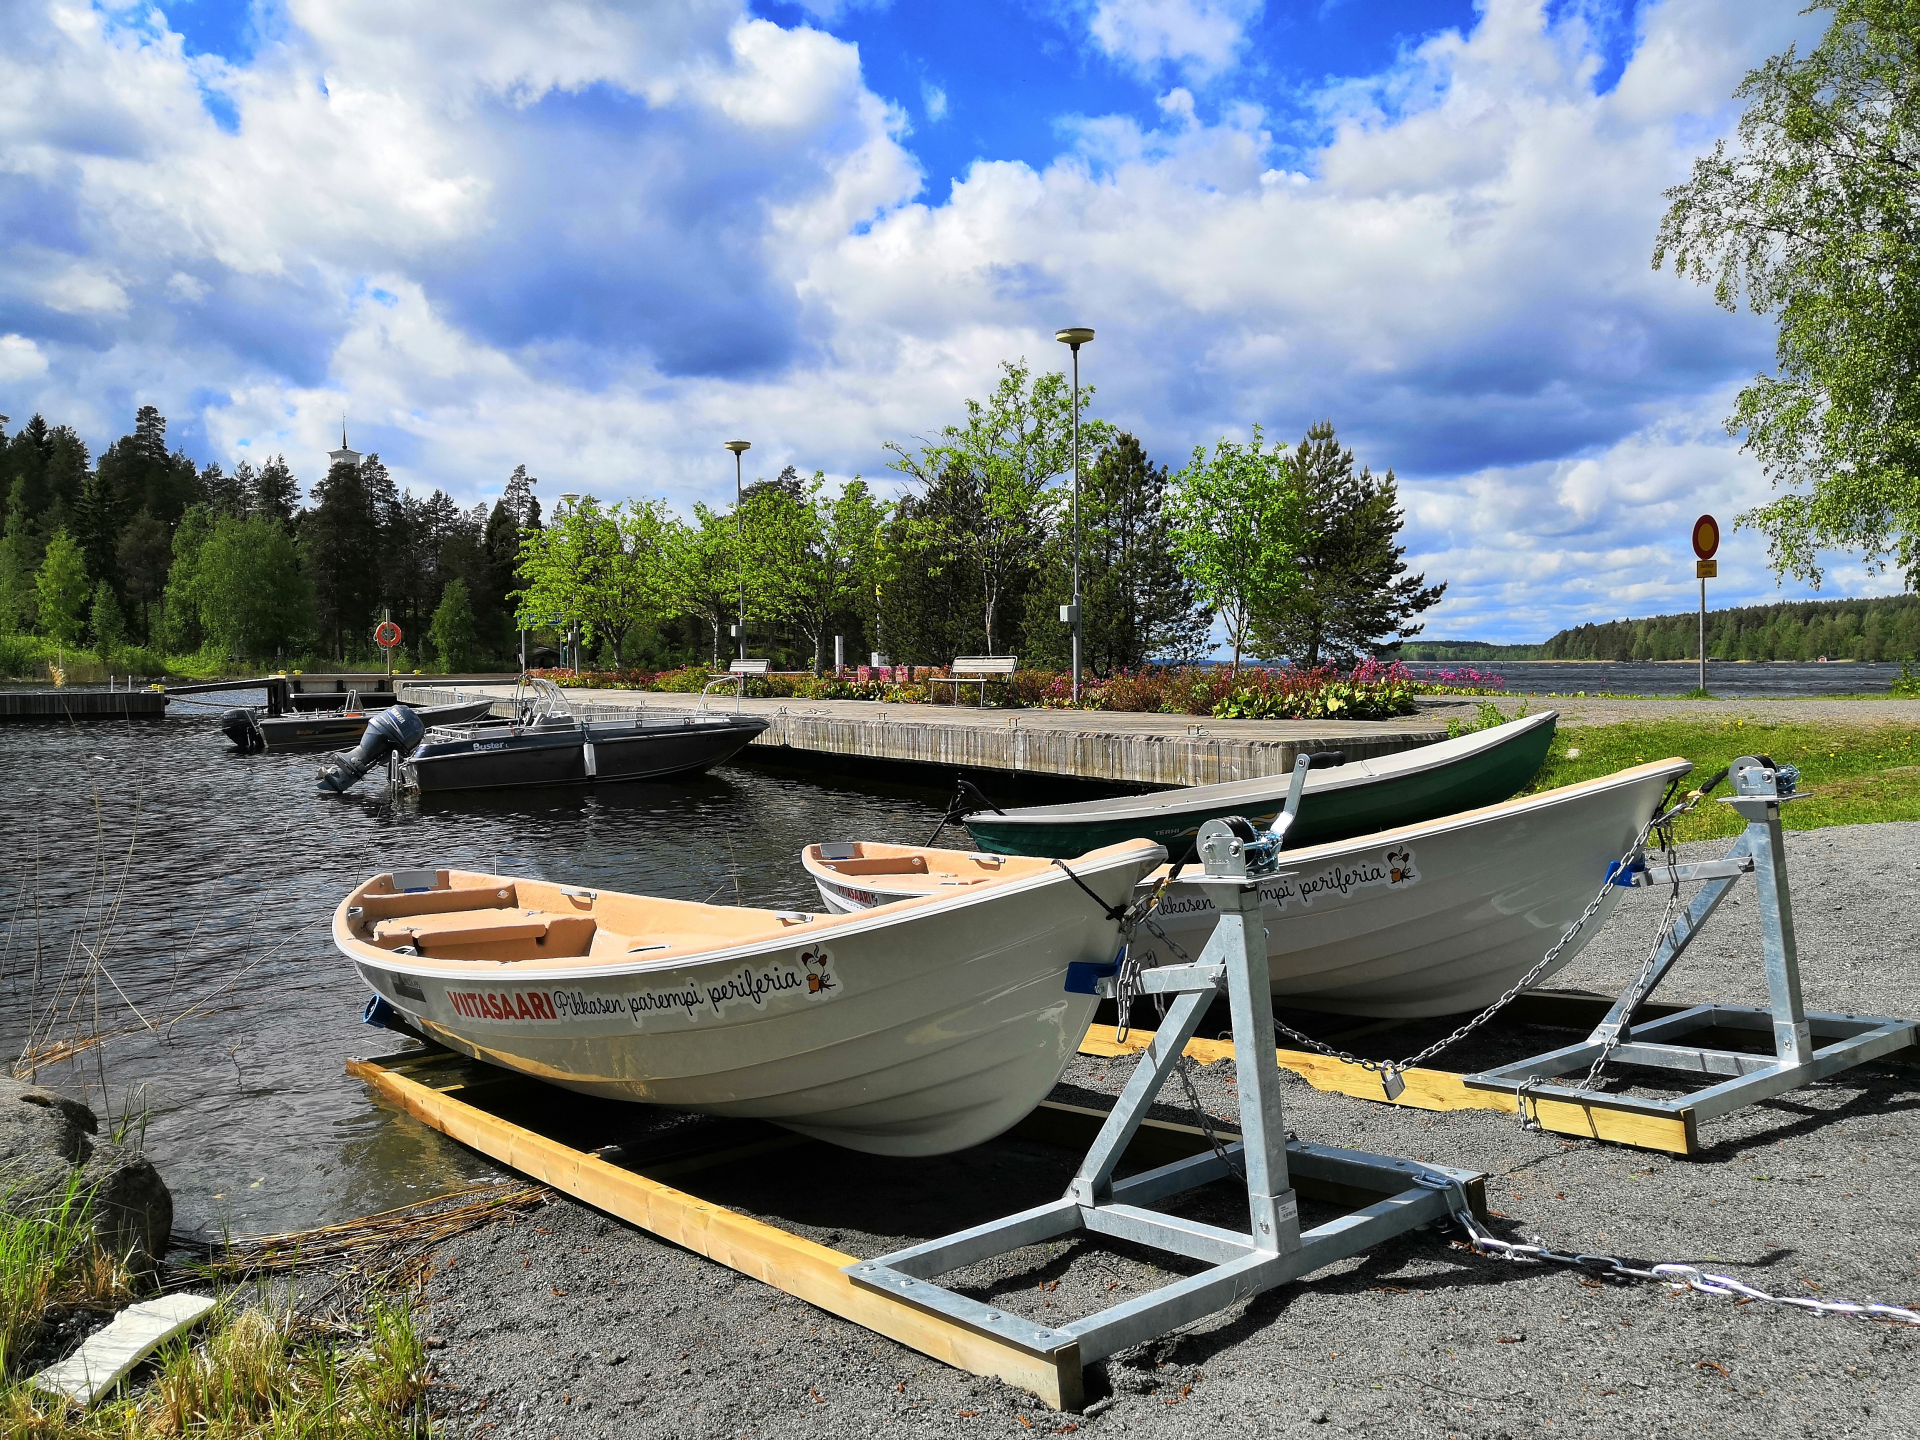 Kaksi lainattavaa kaupunkivenettä Porthanin satamassa.